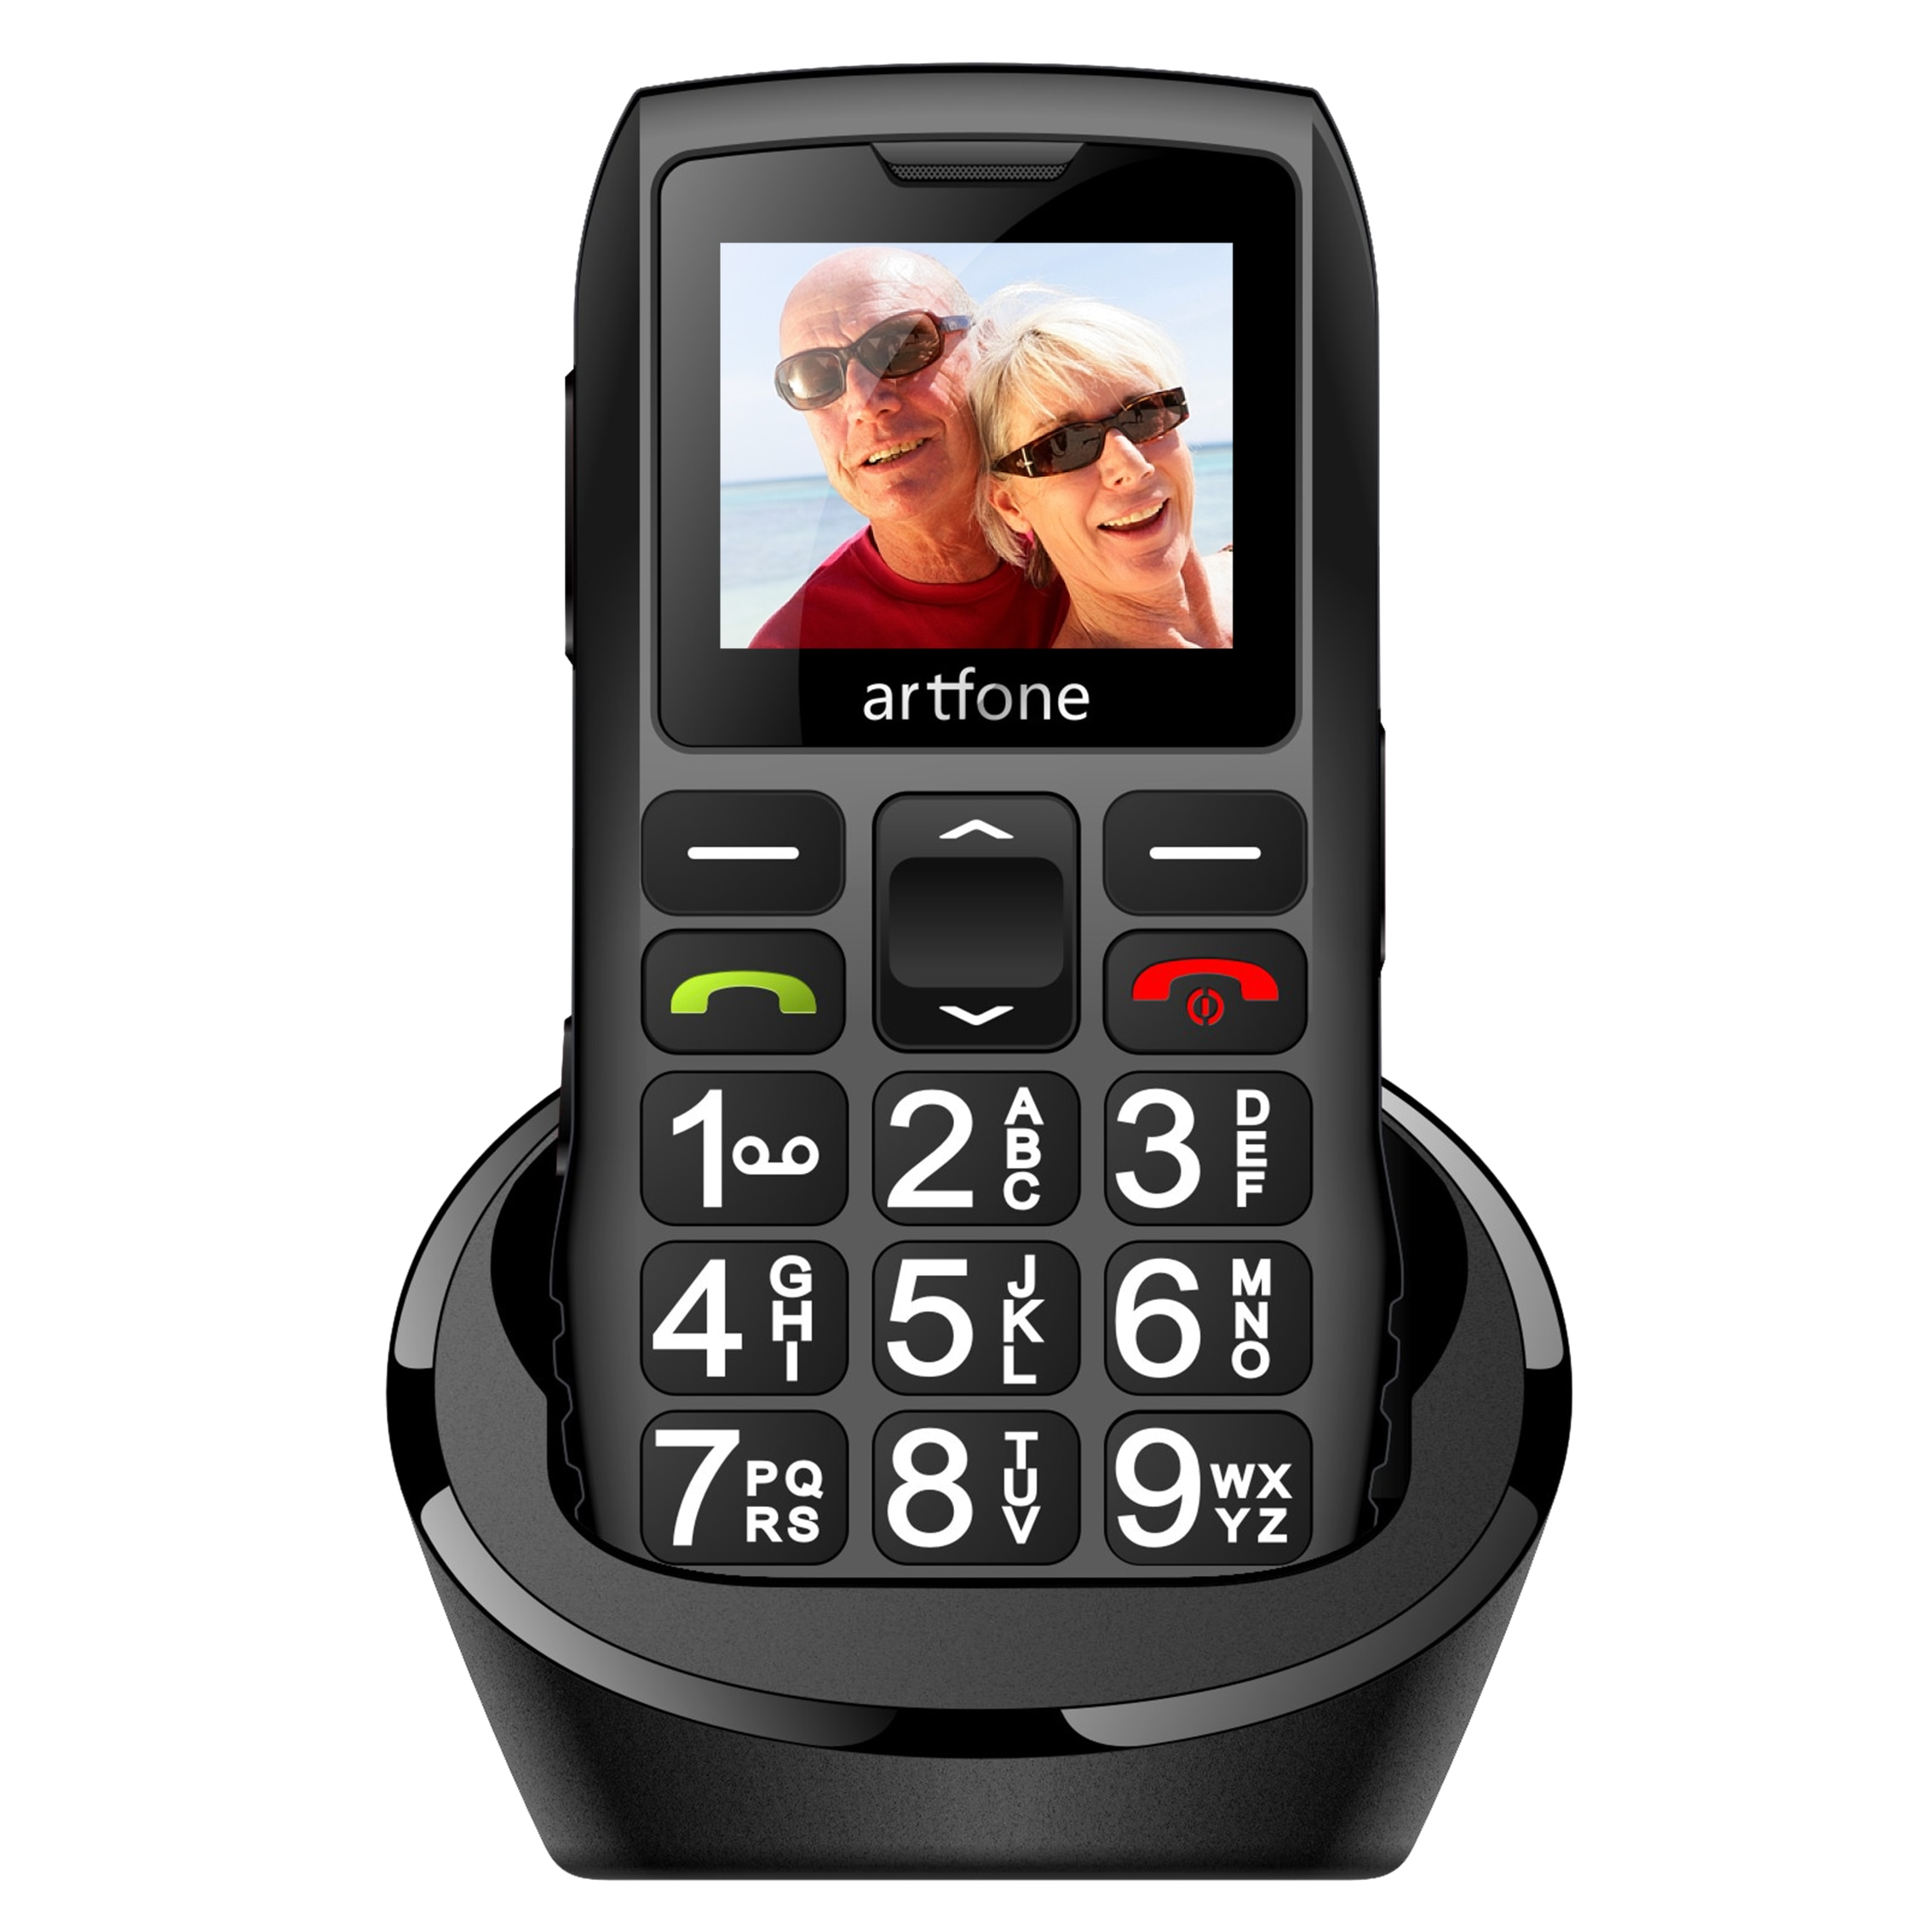 هاتف محمول بزر كبير لكبار السن ، هاتف artfone C1 + بشريحتين غير مقفول ، بطارية 1400 مللي أمبير في الساعة ، هاتف محمول أقدم غير مقفول مع SOS ايمرج